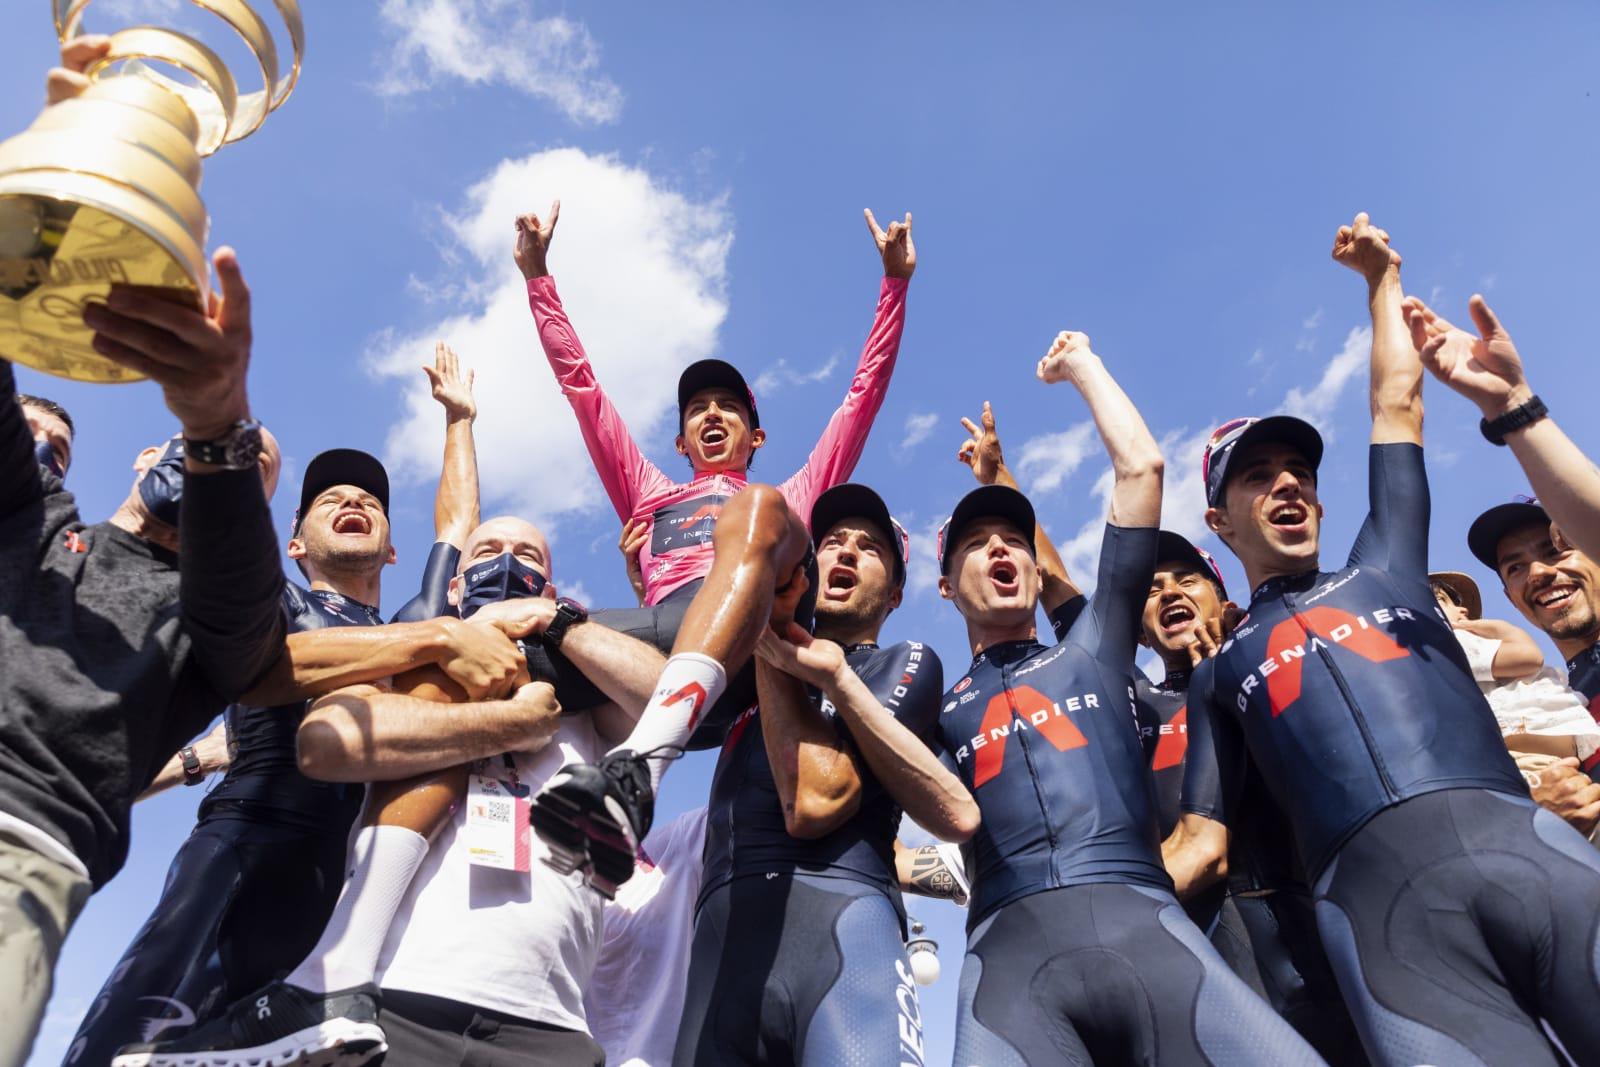 Egan Bernal po triumfu na Giro d´Italia 2021 nad hlavami parťáků. Foto: ineos grenadiers.com